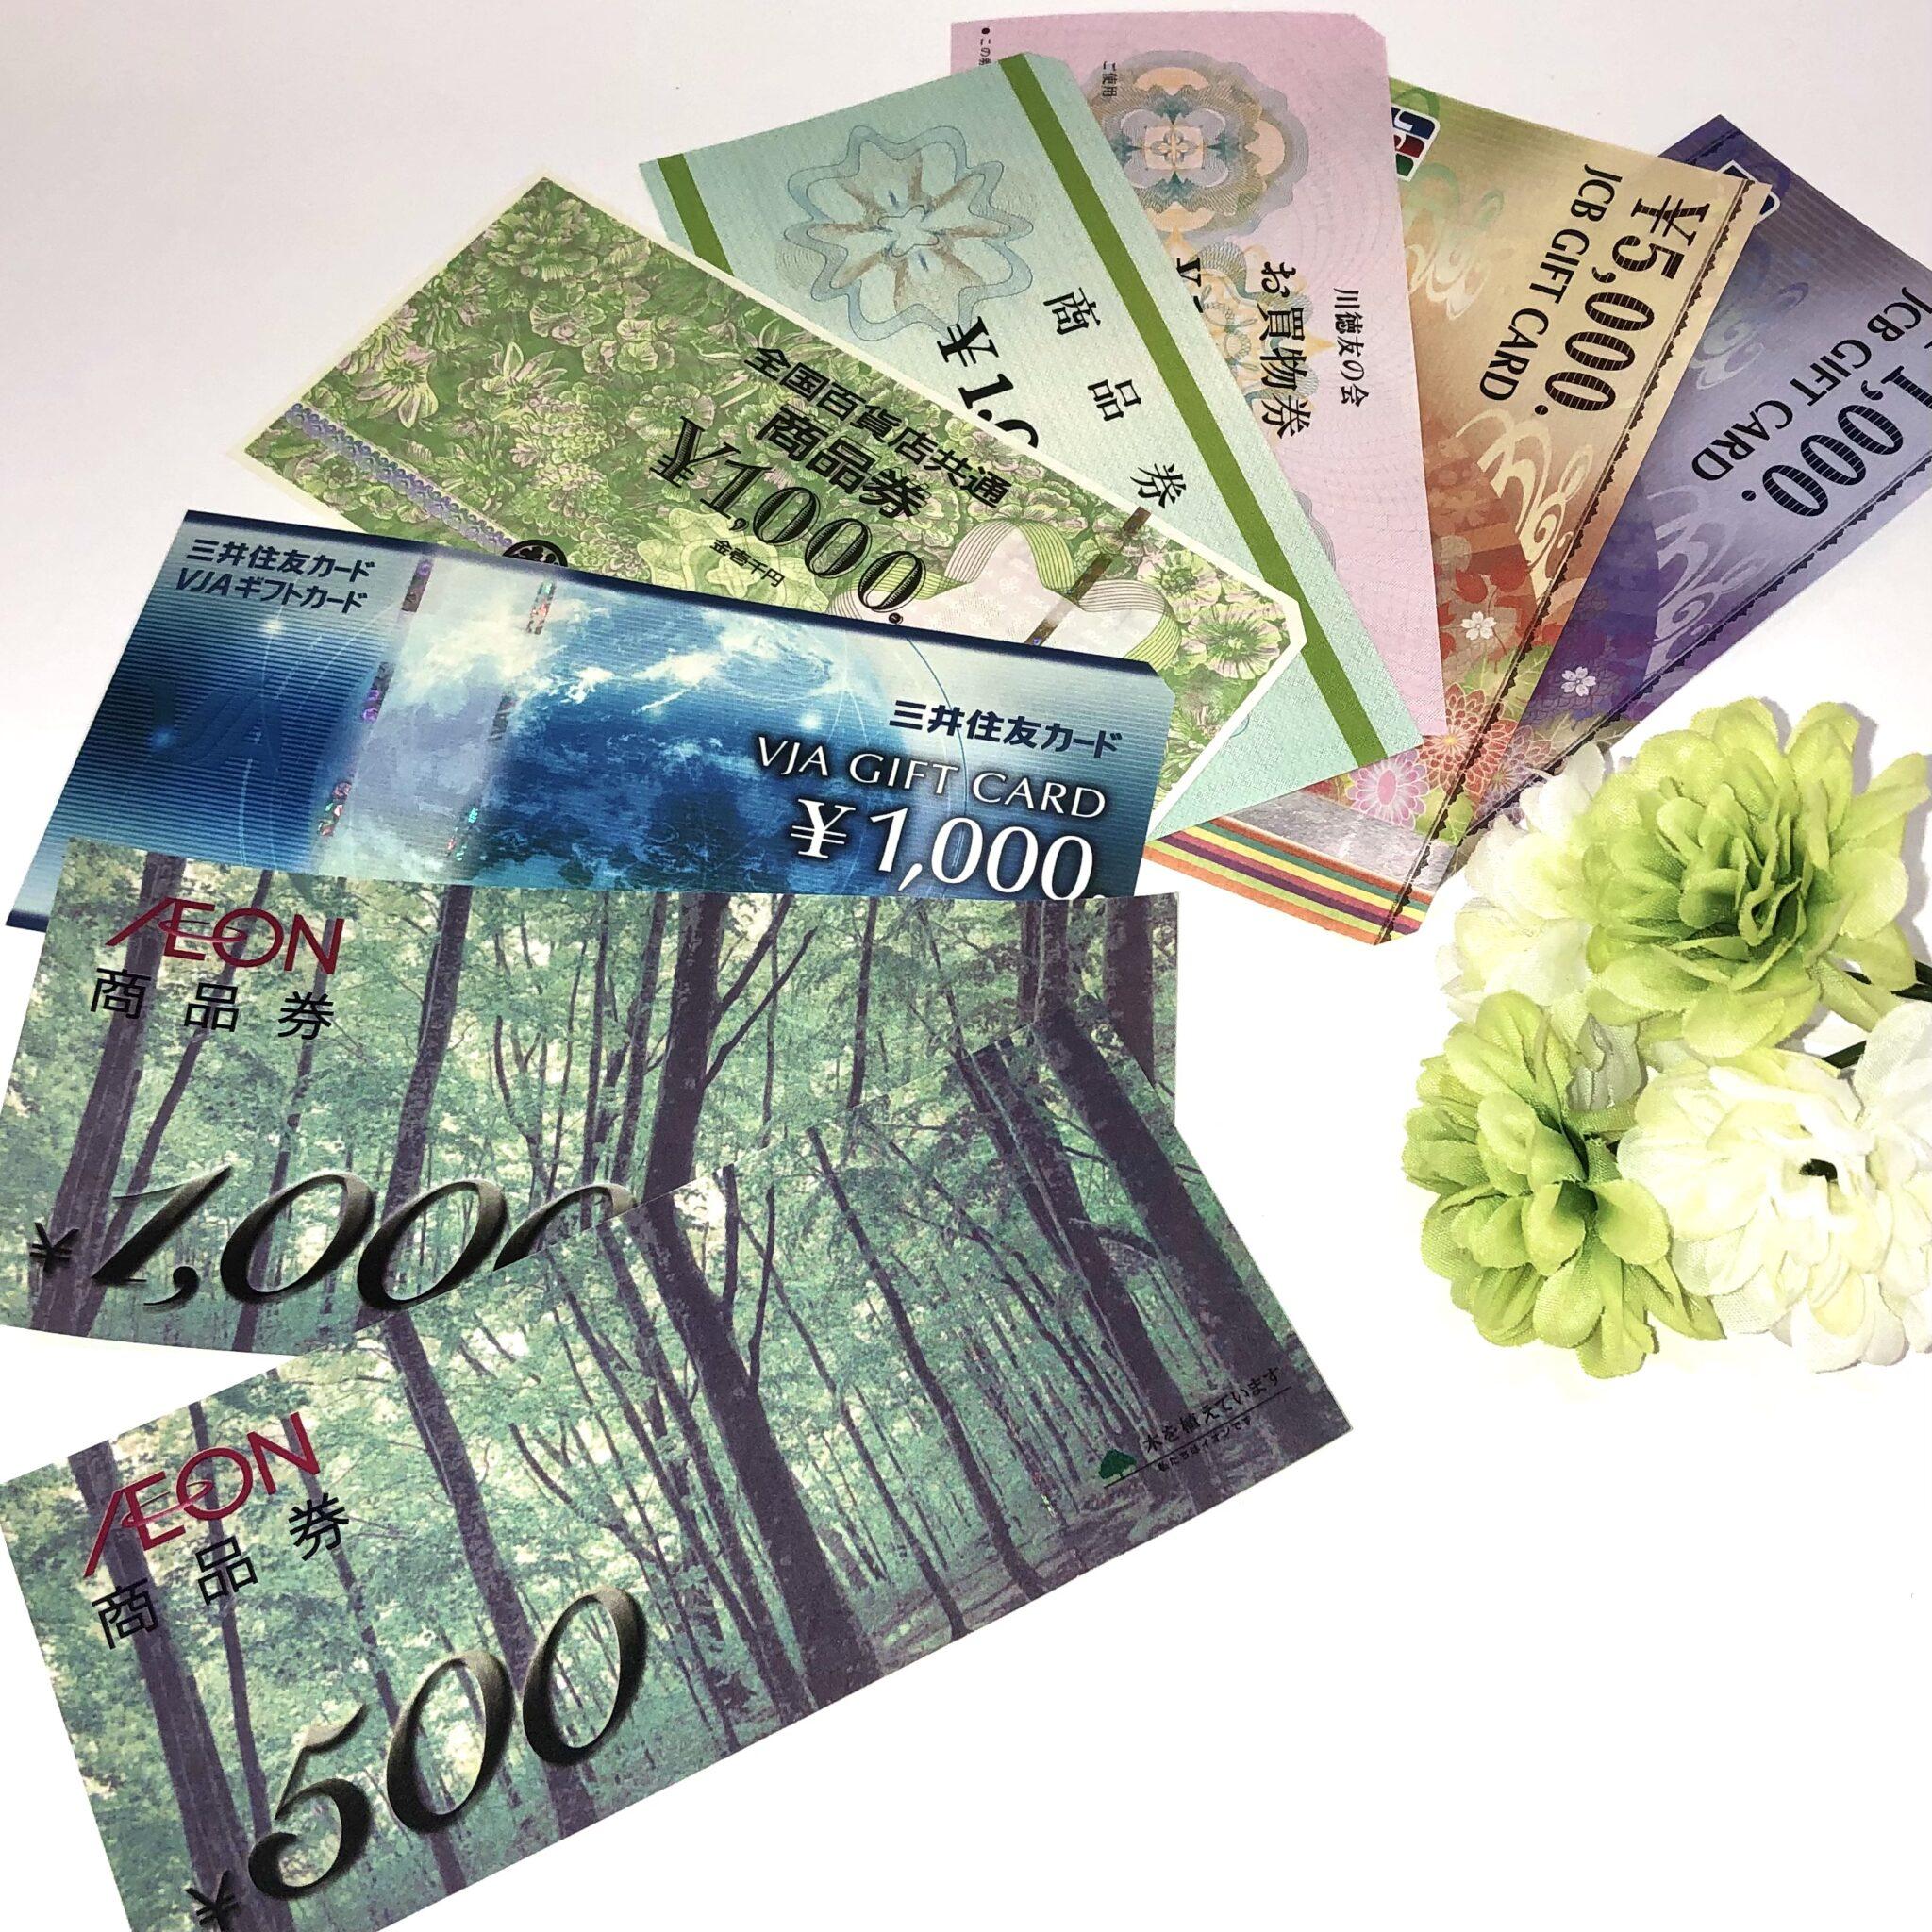 【商品券 販売 盛岡】春の新生活の準備に!!お得な商品券を利用しませんか?